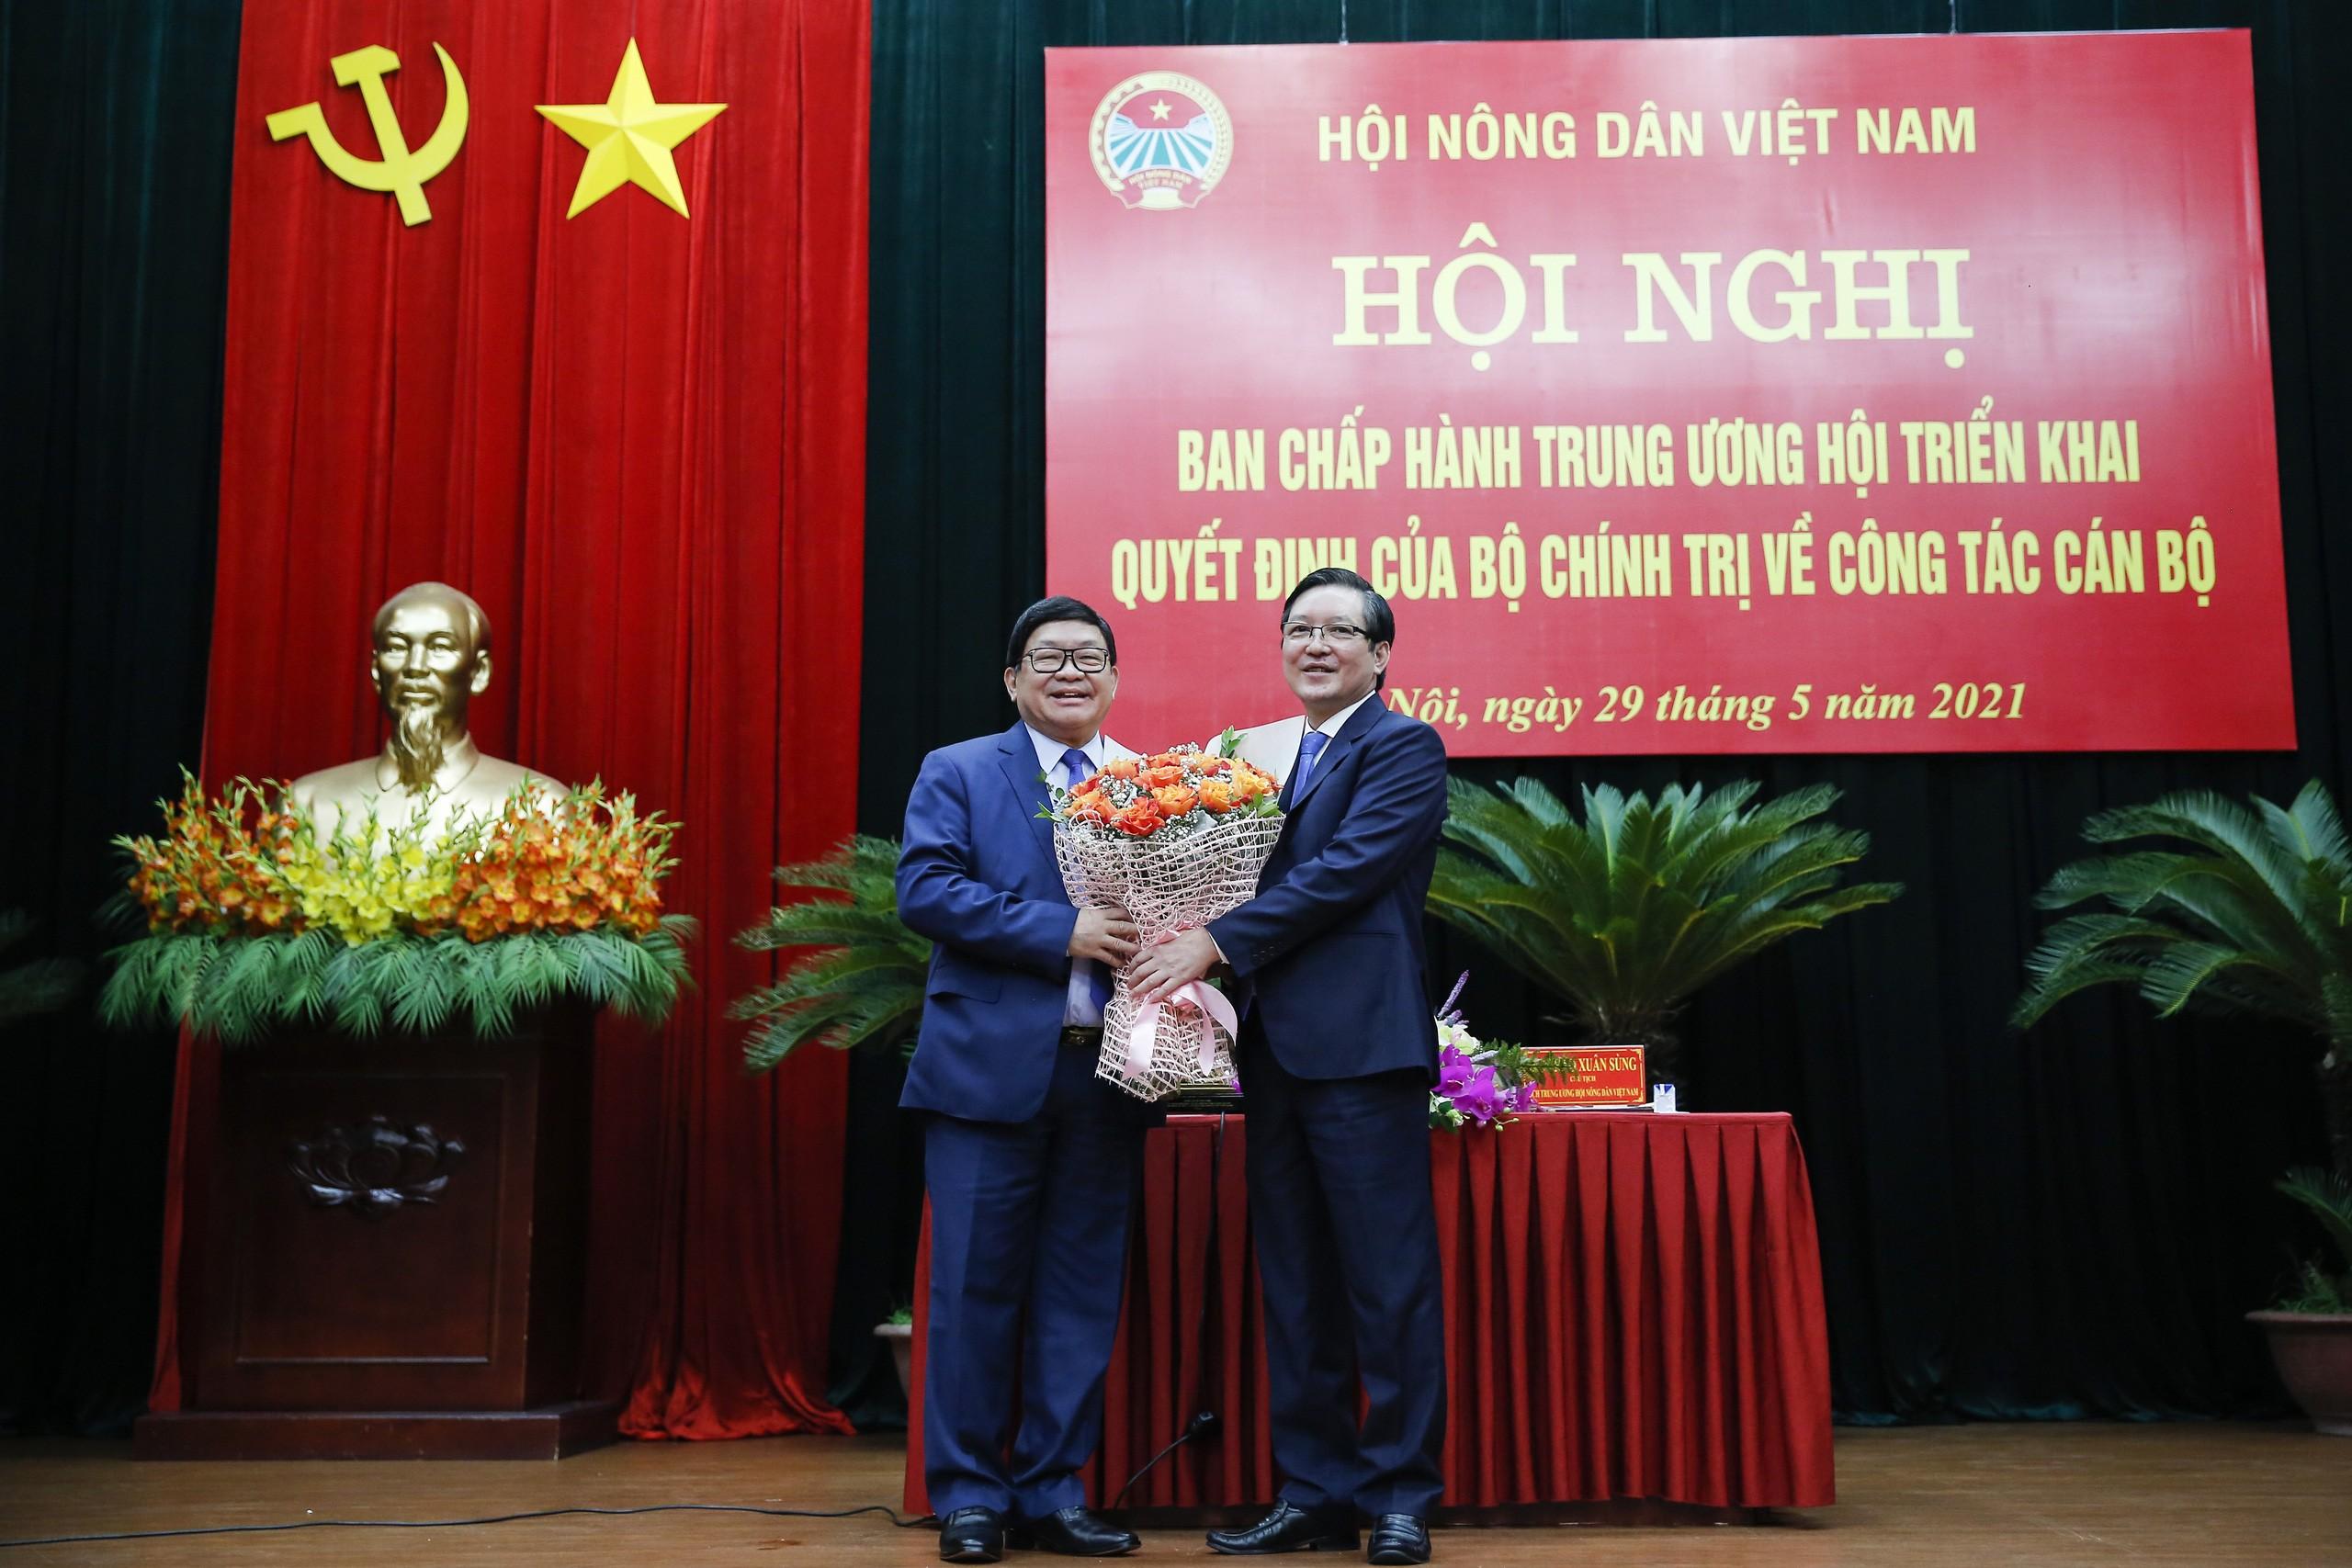 Ông Lương Quốc Đoàn được bầu giữ chức Chủ tịch Hội Nông dân Việt Nam - Ảnh 4.